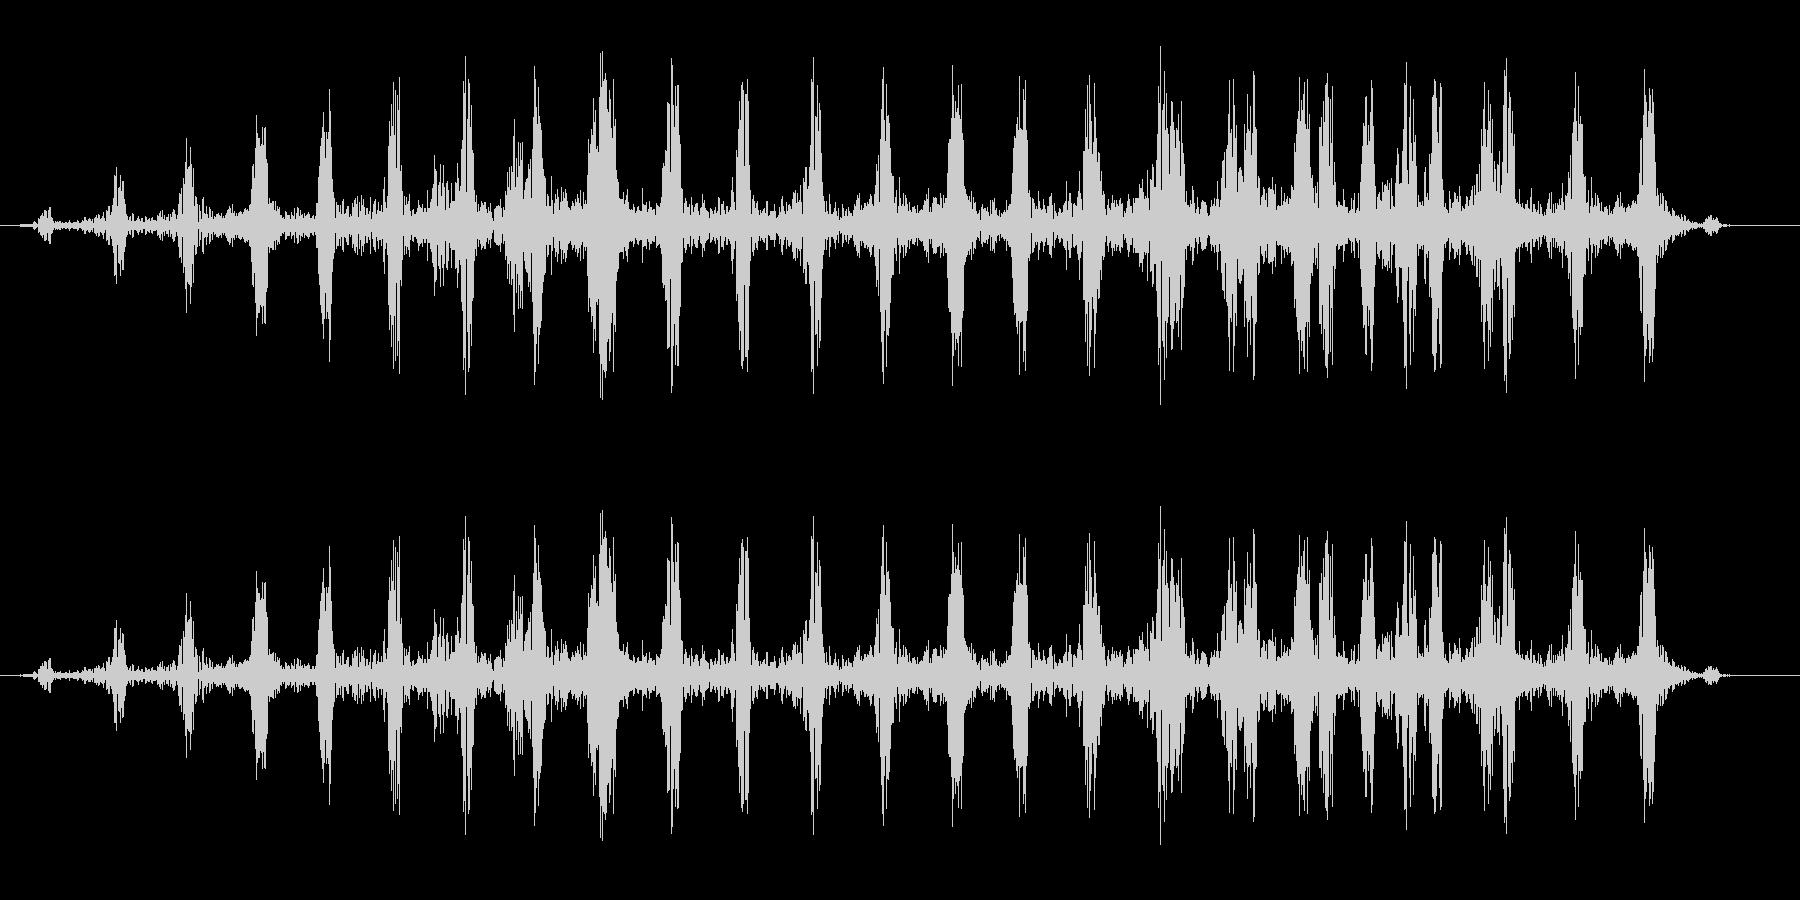 ドクドク・・・(リアルな心臓の鼓動音)の未再生の波形